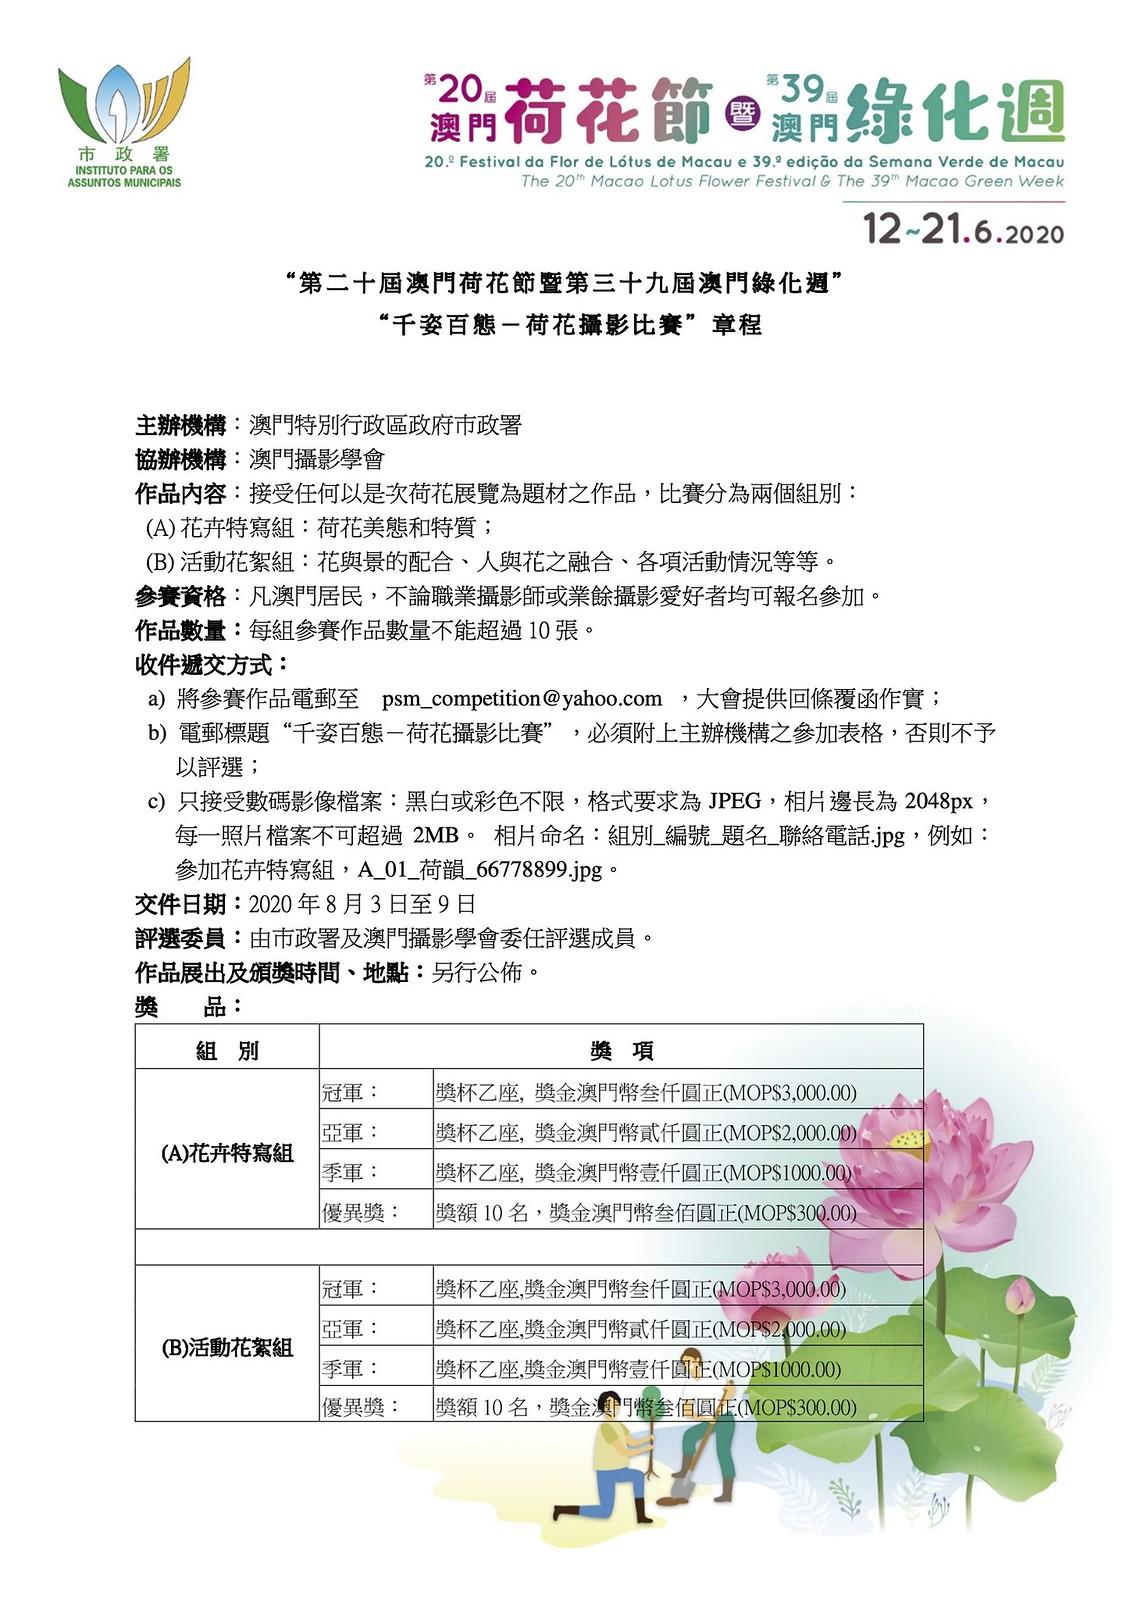 """2020""""千姿百態-荷花攝影比賽"""" 章程(中文)1"""